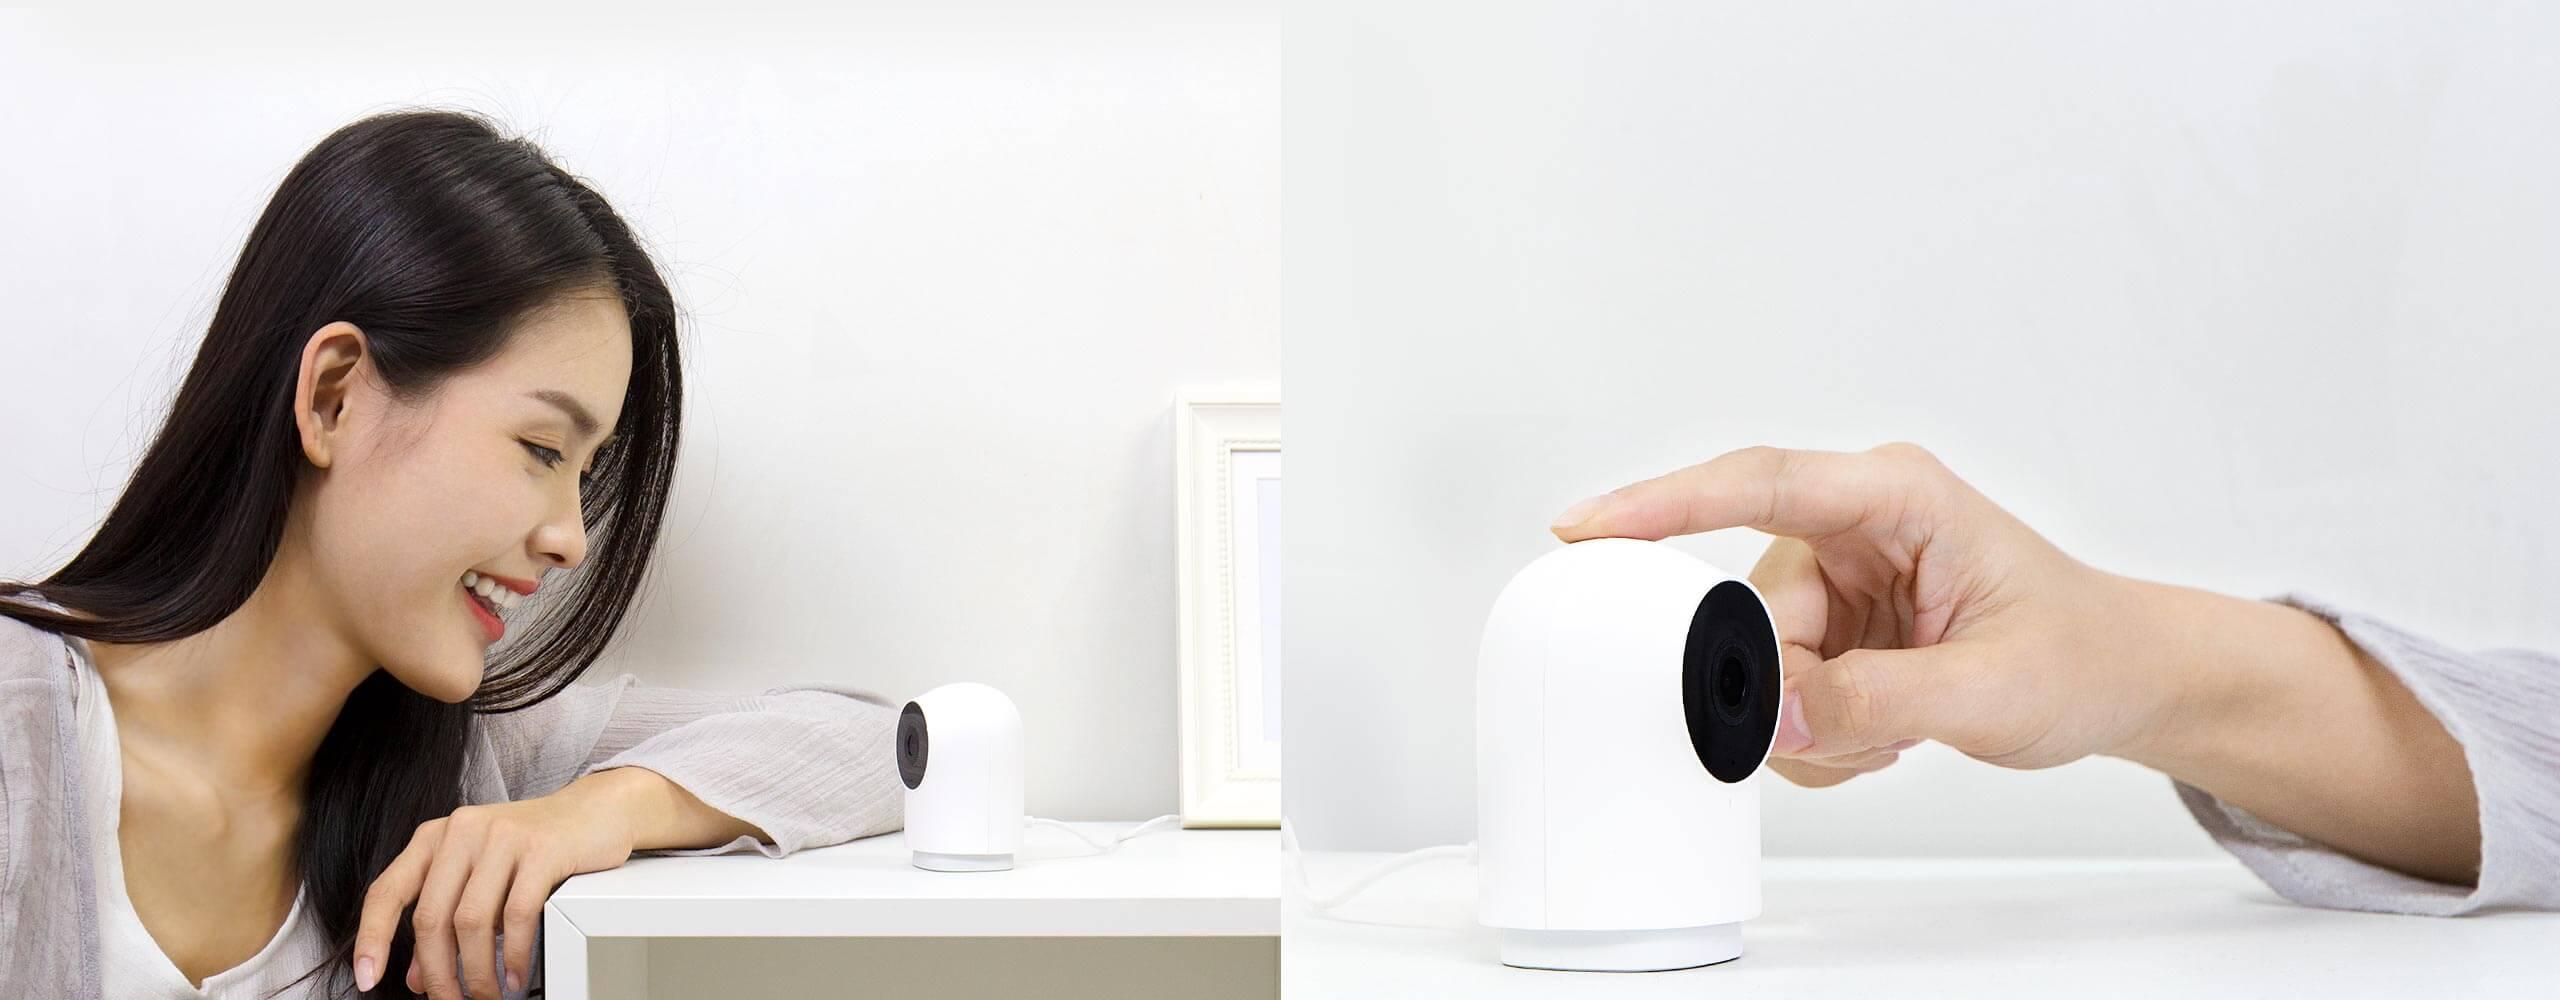 Aqara 智能摄像机 G2 - 双向语音一键视频留言